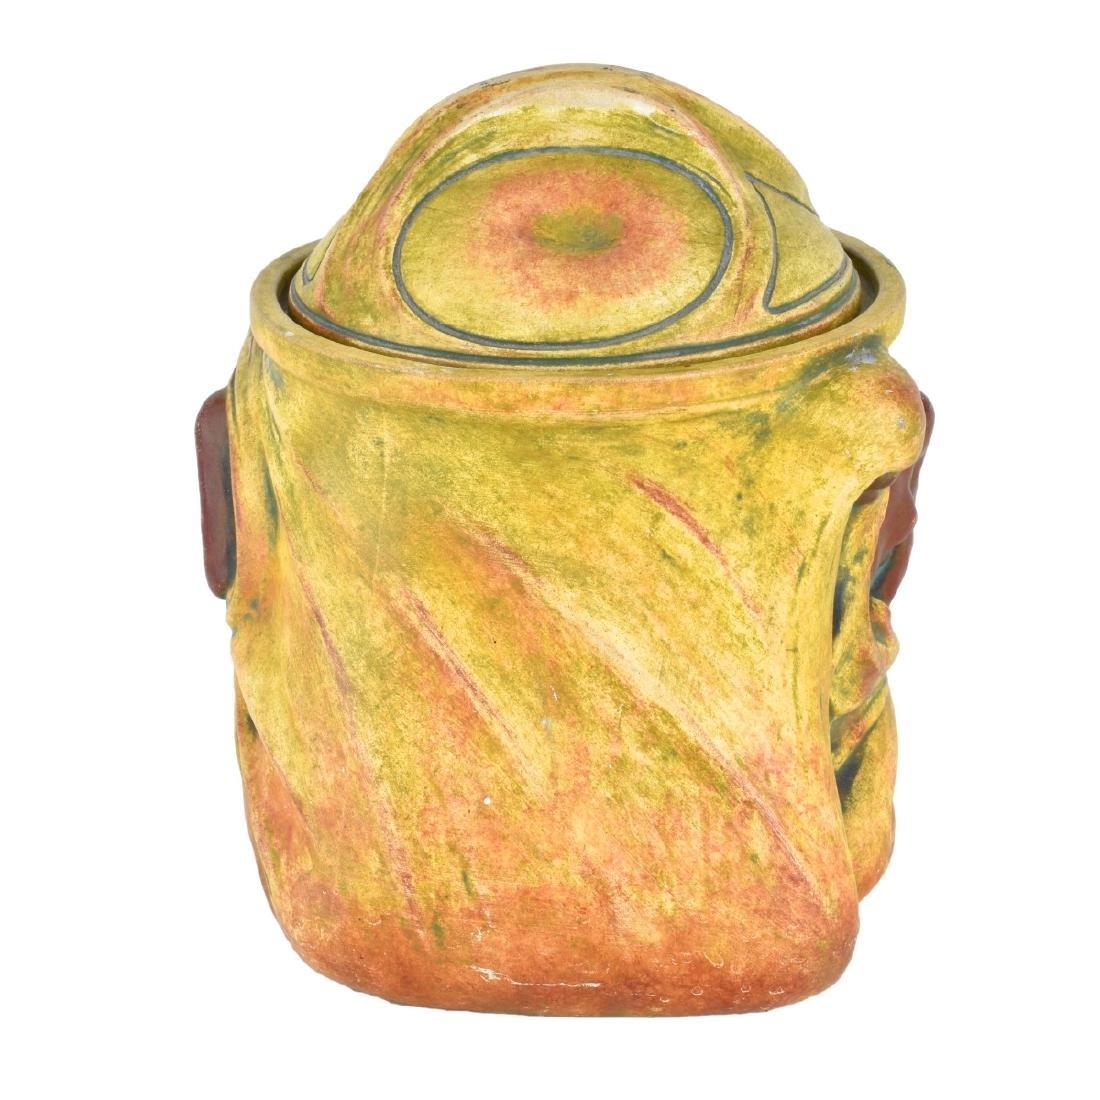 Julius Dressler Polychrome Pottery Covered Jar - 3